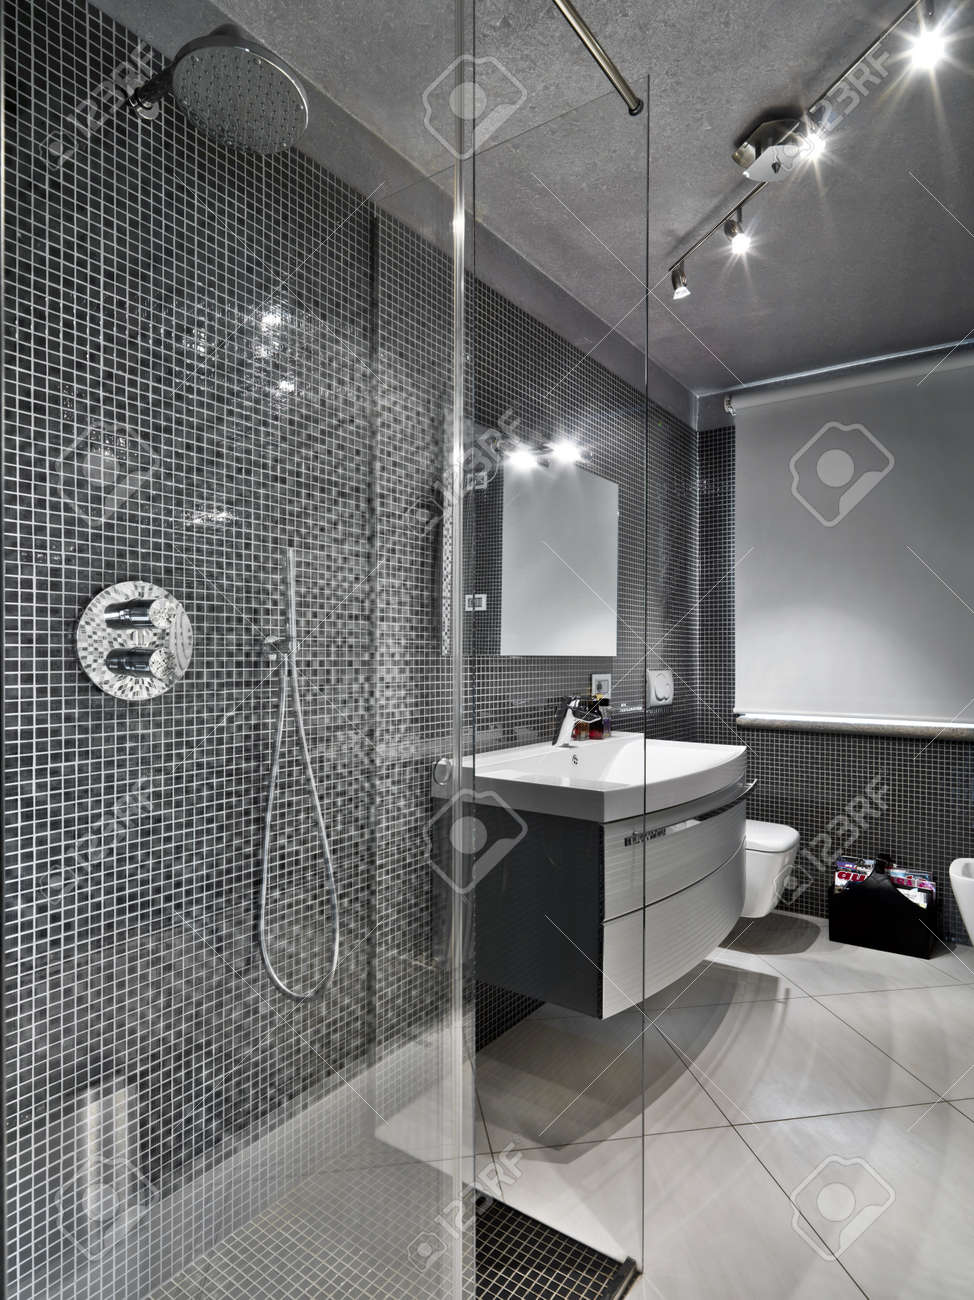 moderno bagno con doccia in vetro cubicule foto royalty free ... - Bagni Doccia Moderni